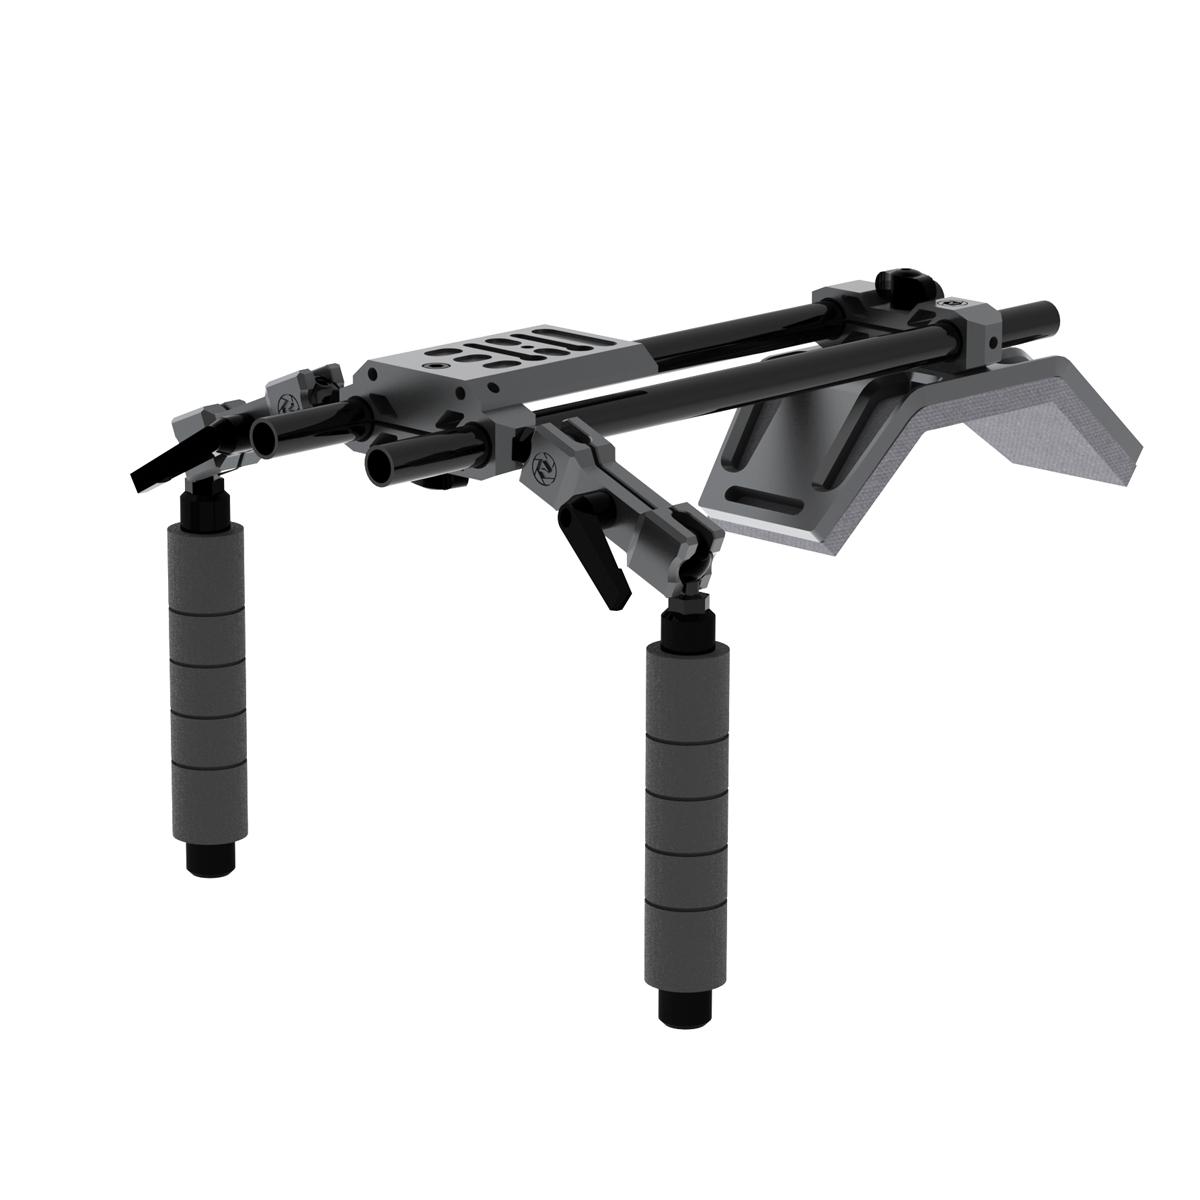 Velo DSLR Handheld, Shoulder Mounted Rigs & Cage: